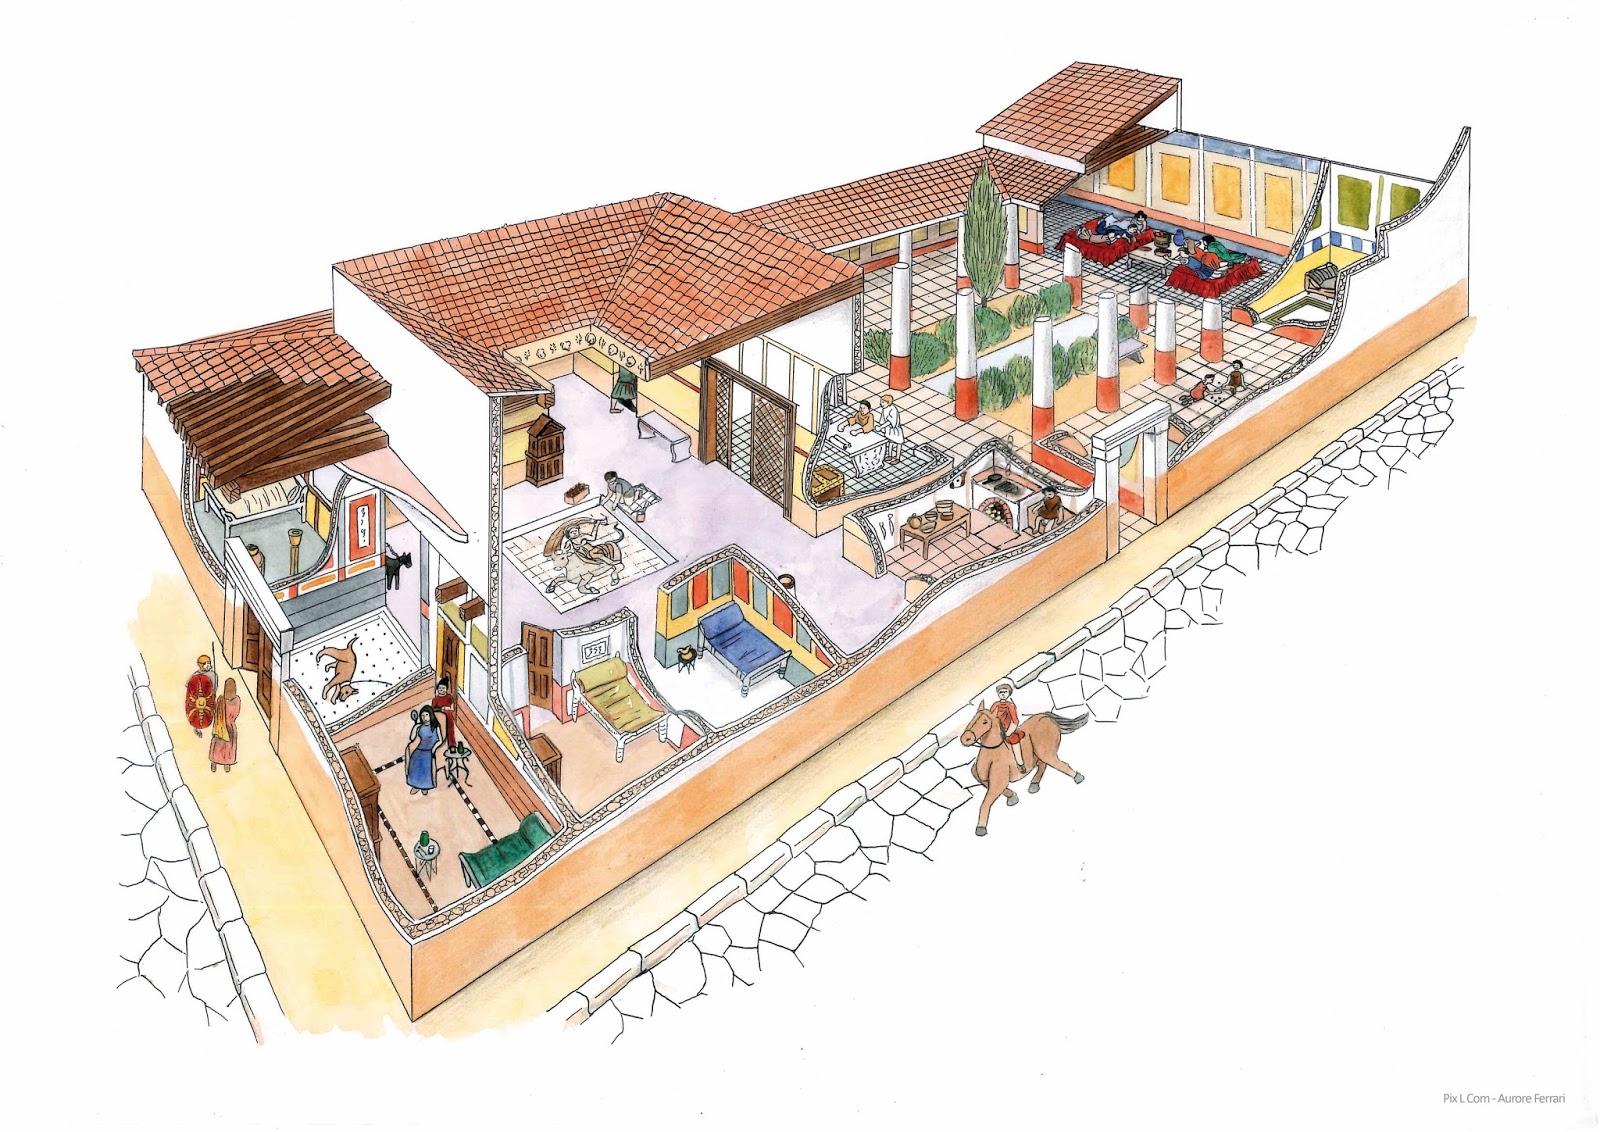 pix39 l com39 ecorche d39une villa gallo romaine With croquis d une maison 8 pix l com ecorche dune villa gallo romaine